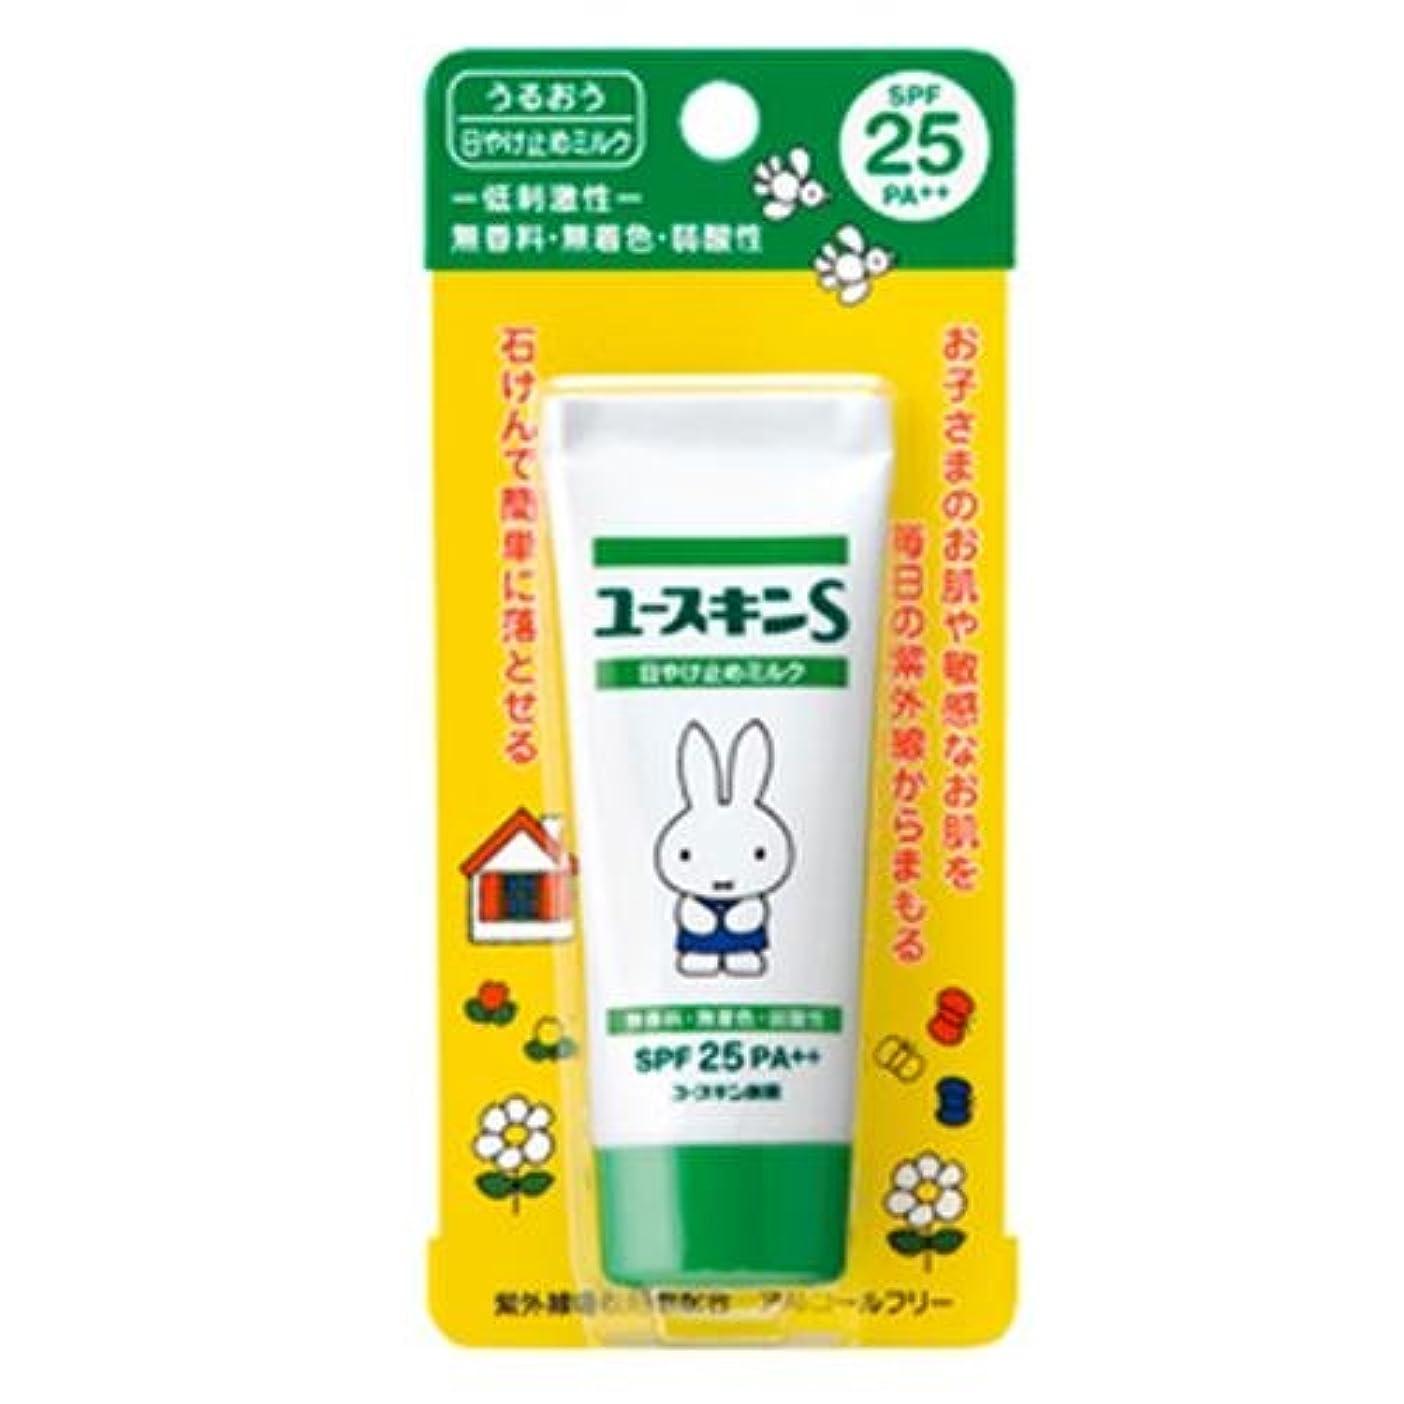 切断するひも祝福するユースキンS UVミルク SPF25 PA++ 40g (敏感肌用 日焼け止め)